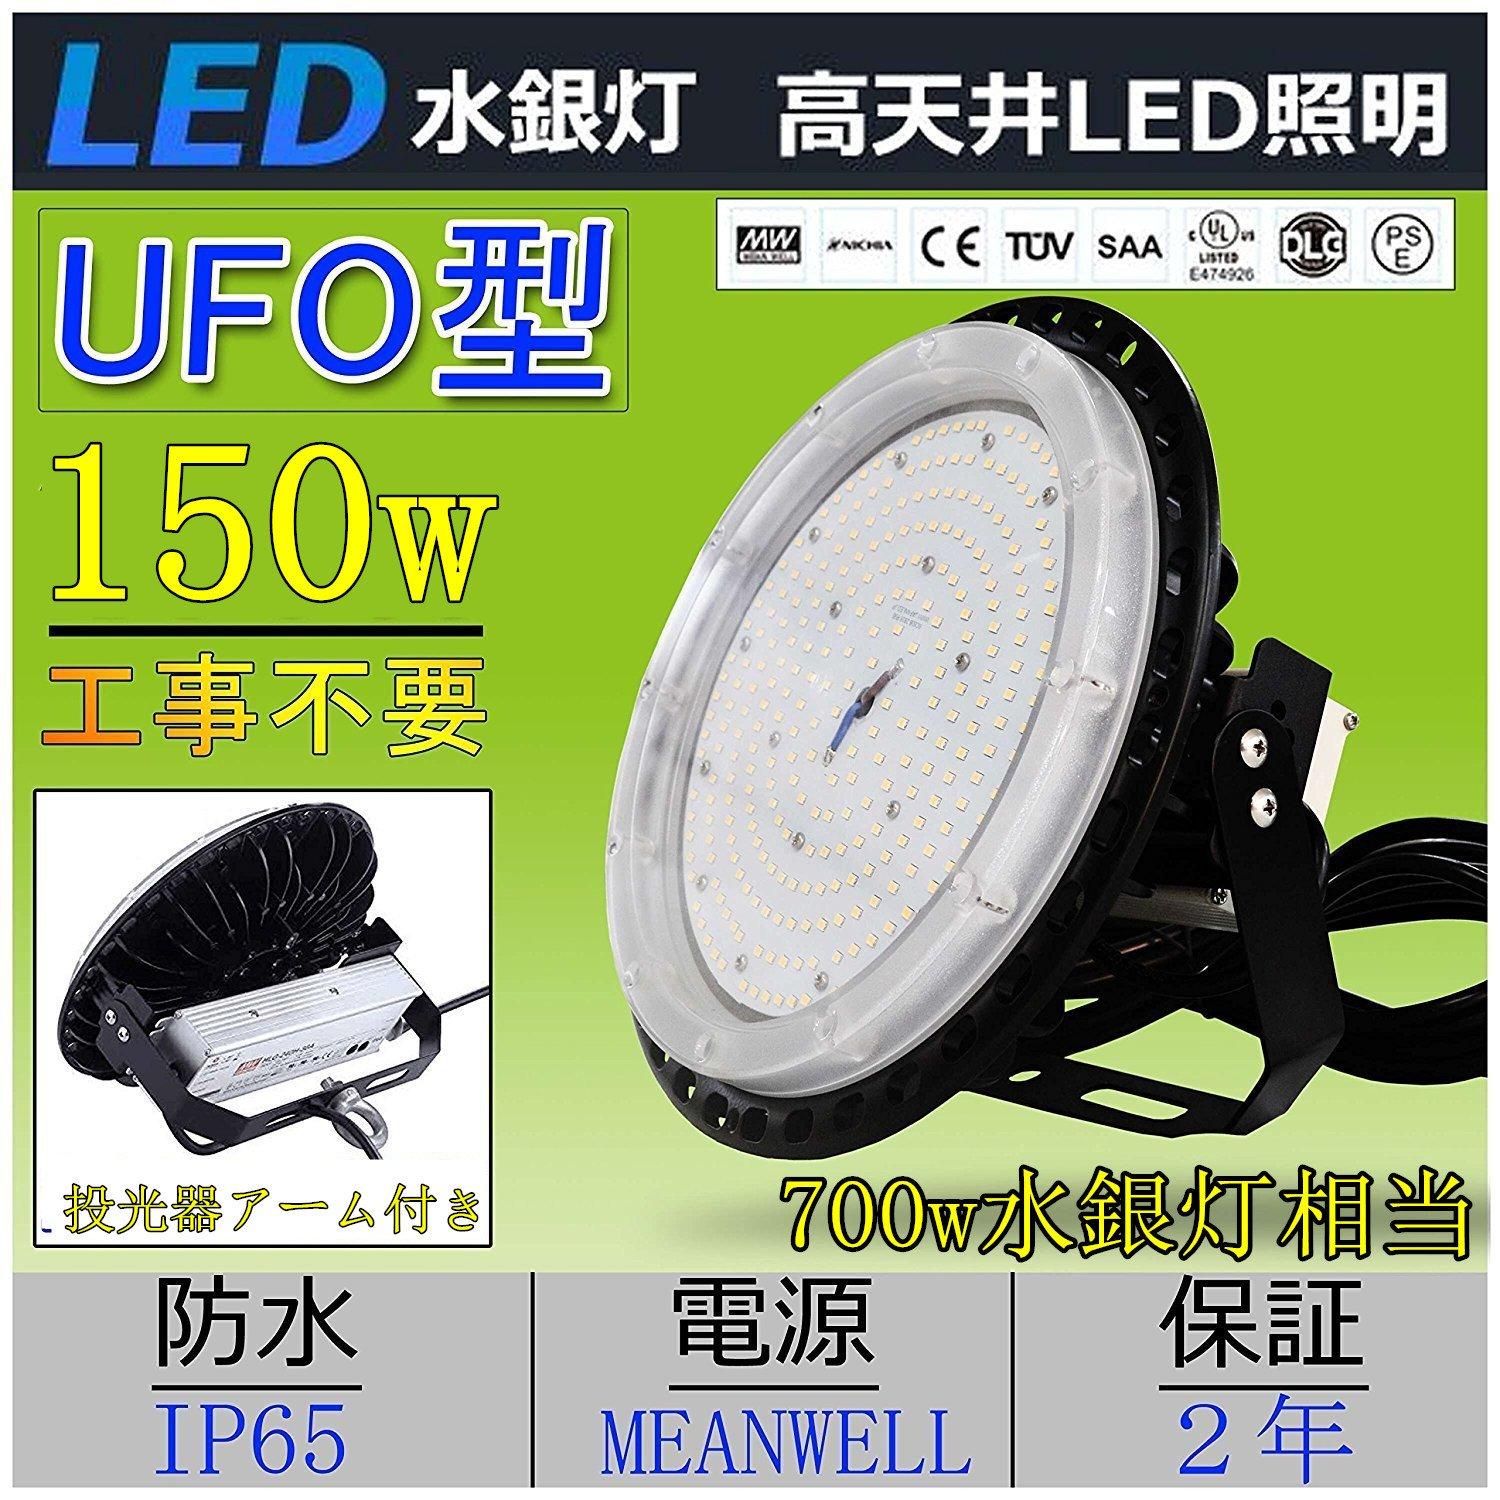 【2年保障】 IP65防水 LED高天井灯 ( 1500W水銀灯相当) 工場灯150w UFOハイベイライト シーリングライト スポットライト 昼白色5000k 拡散型 LED投光器、作業灯、看板照明、吊下げタイプ 、MEANWELL電源付 150W-ACプラグ付 5M配線-LED-爆光 B01N7BGEA5 25000